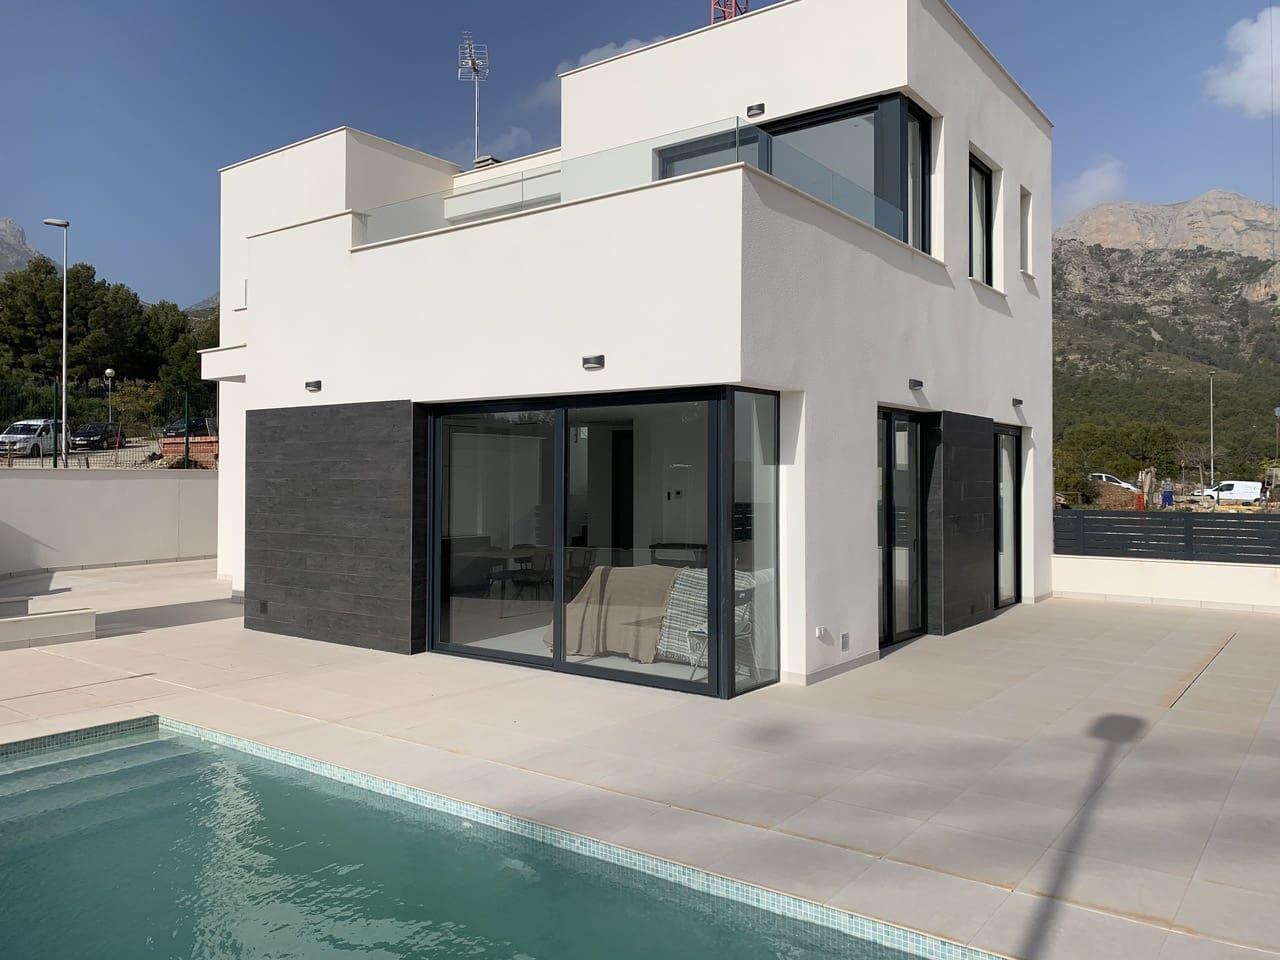 Chalet de 3 habitaciones en Polop en venta con piscina - 330.000 € (Ref: 5070655)